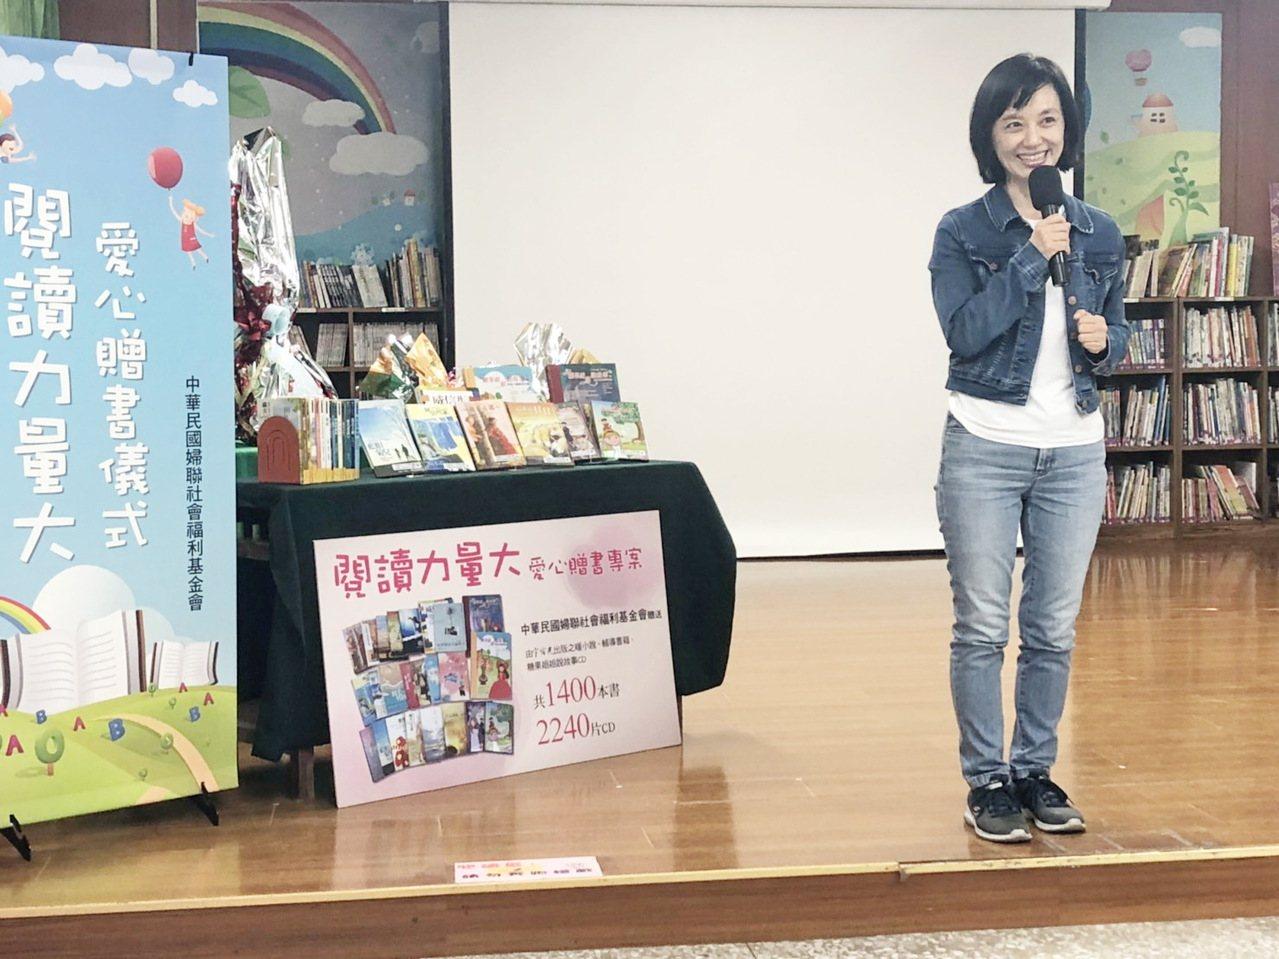 台東縣前縣長黃健庭夫人陳怜燕期待藉閱讀激發孩子的潛力。記者羅紹平/攝影